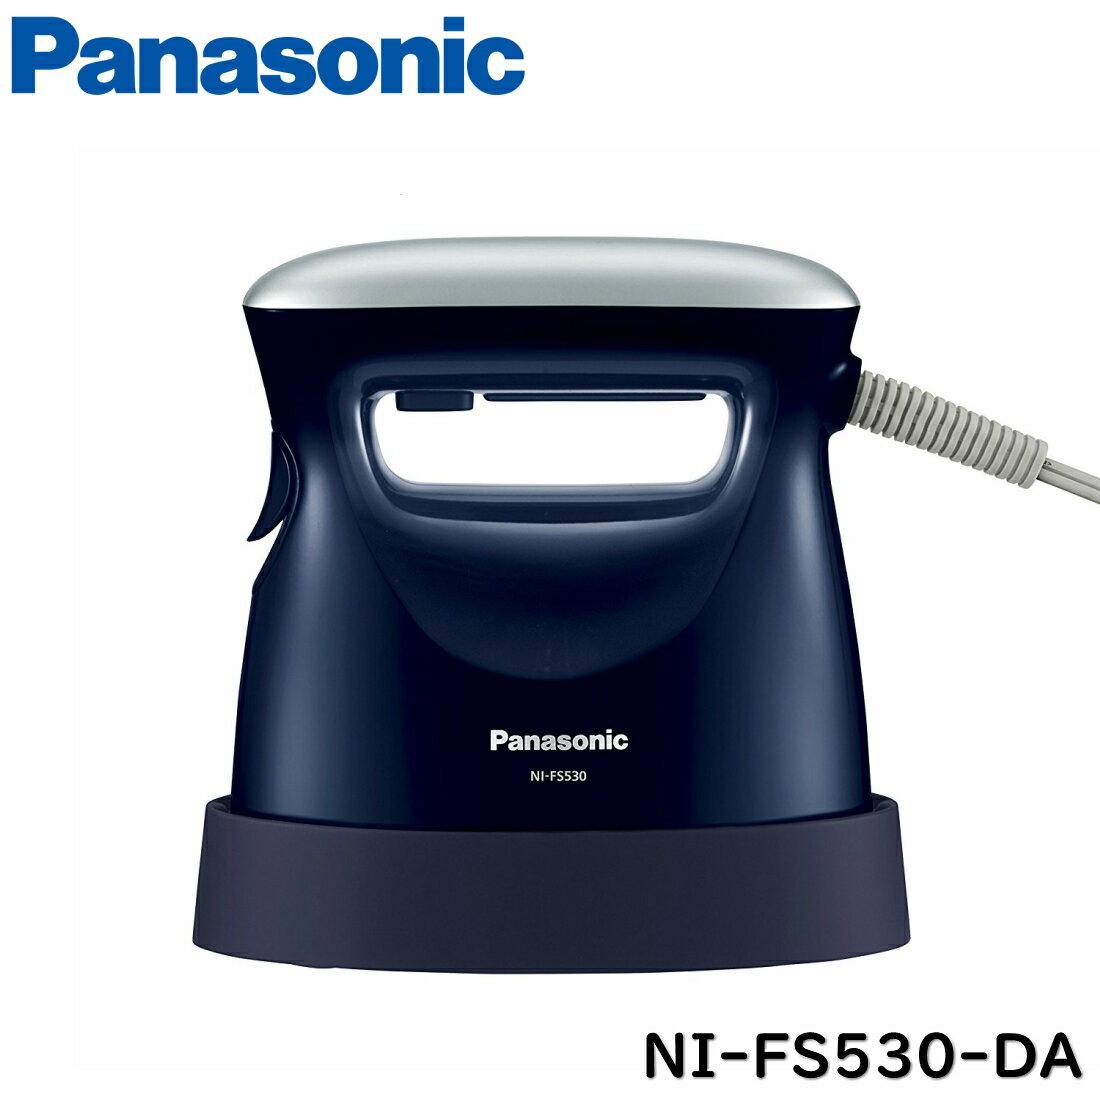 パナソニック 衣類スチーマー NI-FS530-DA (ダークブルー) スチームアイロン スチームアンドプレス ハンディ ガーメントスチーマー 2in1 アイロン